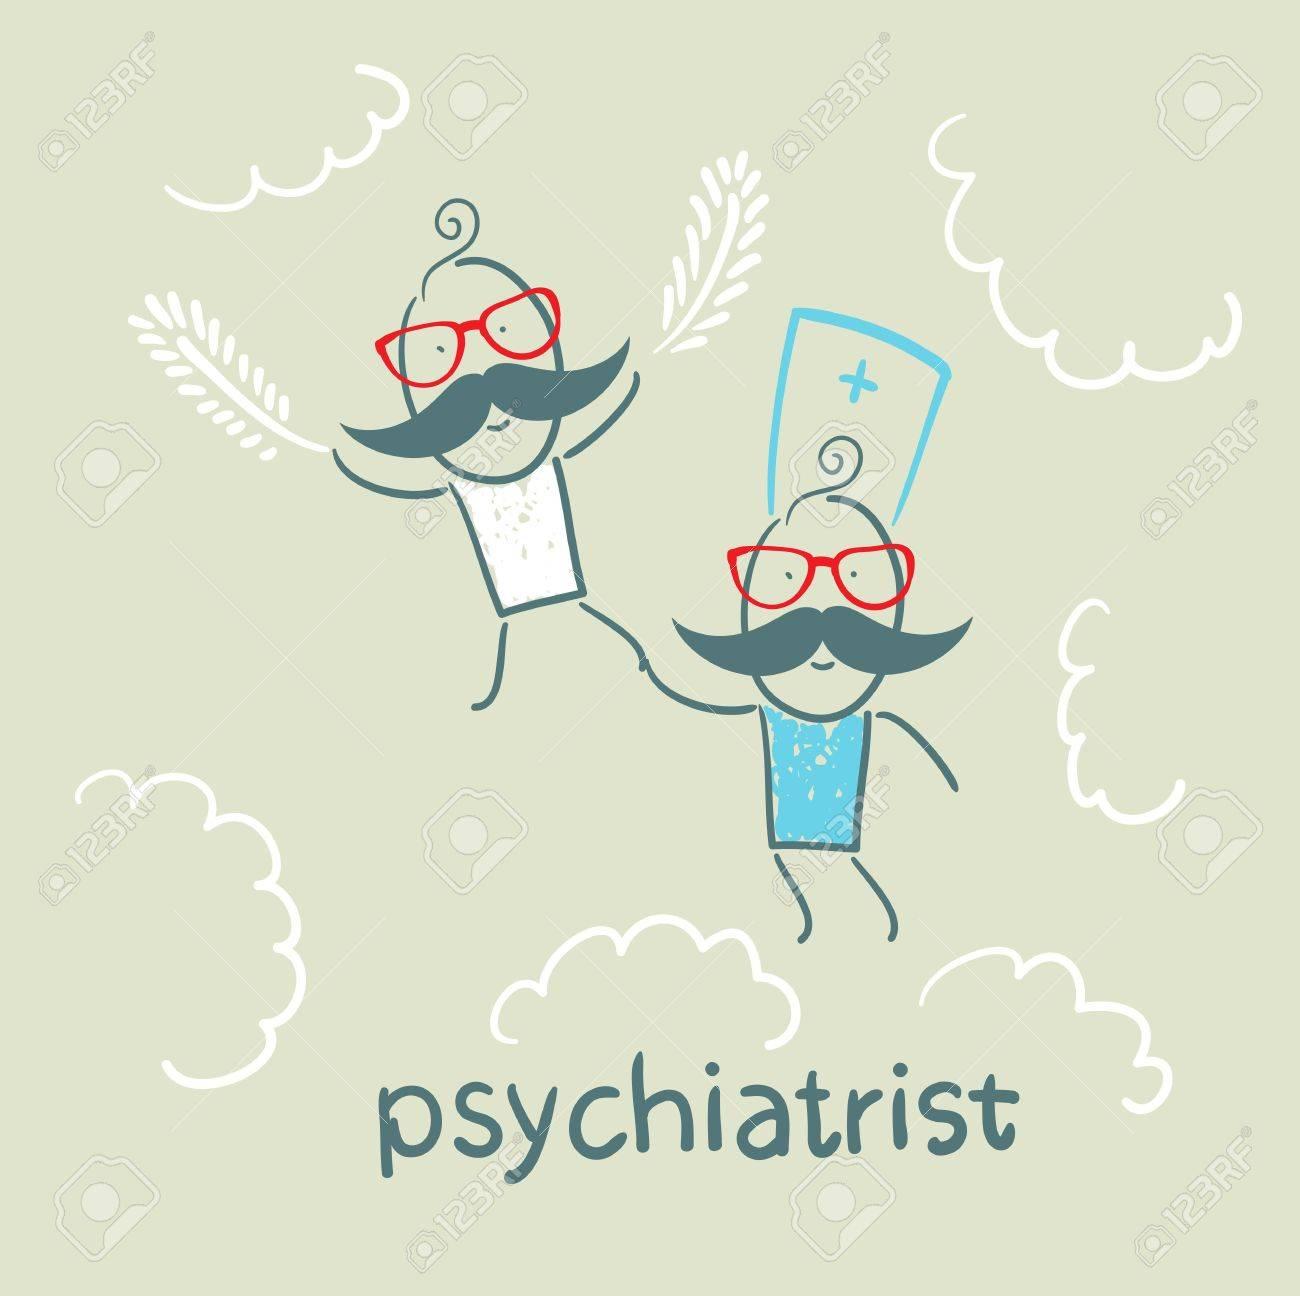 psychiatrist with patient flies in the sky Stock Vector - 22661210